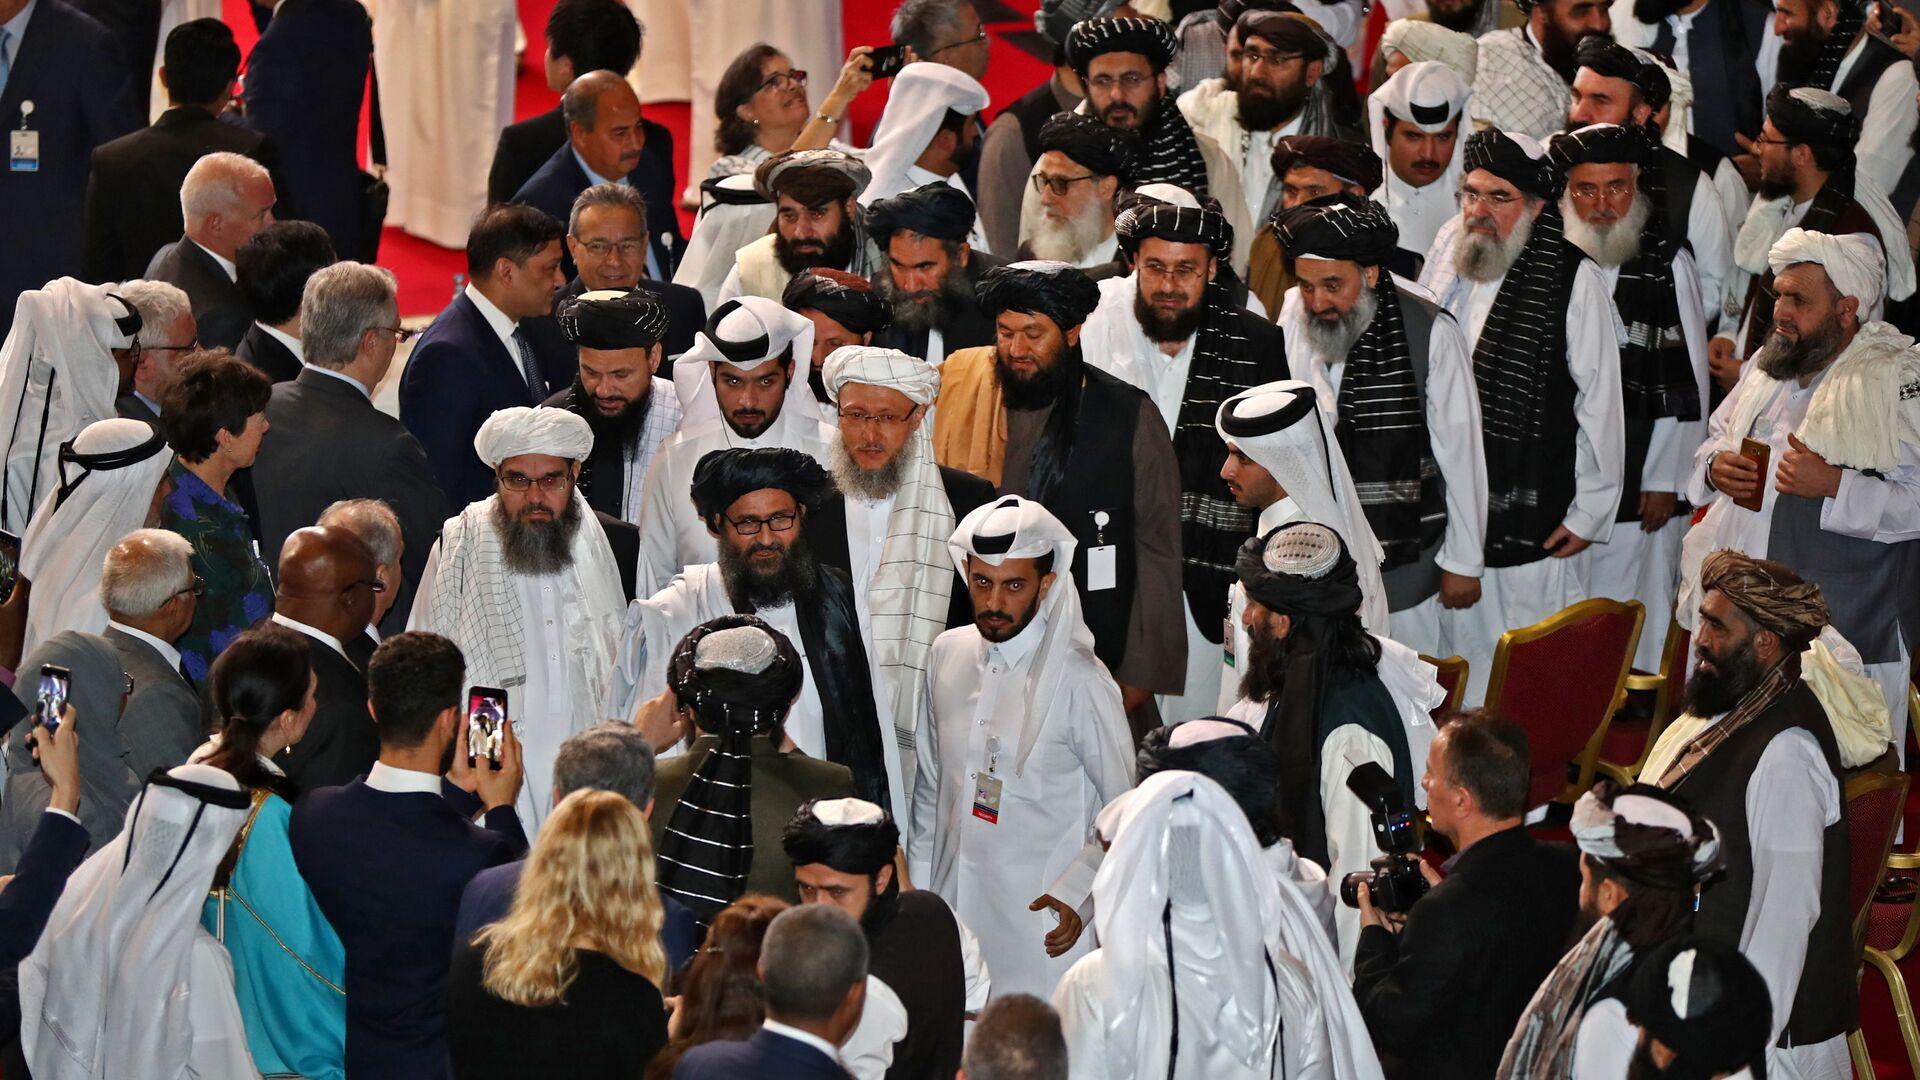 Talibowie na ceremonii podpisania porozumienia ze Stanami Zjednoczonymi w Katarze. - Sputnik Polska, 1920, 12.07.2021